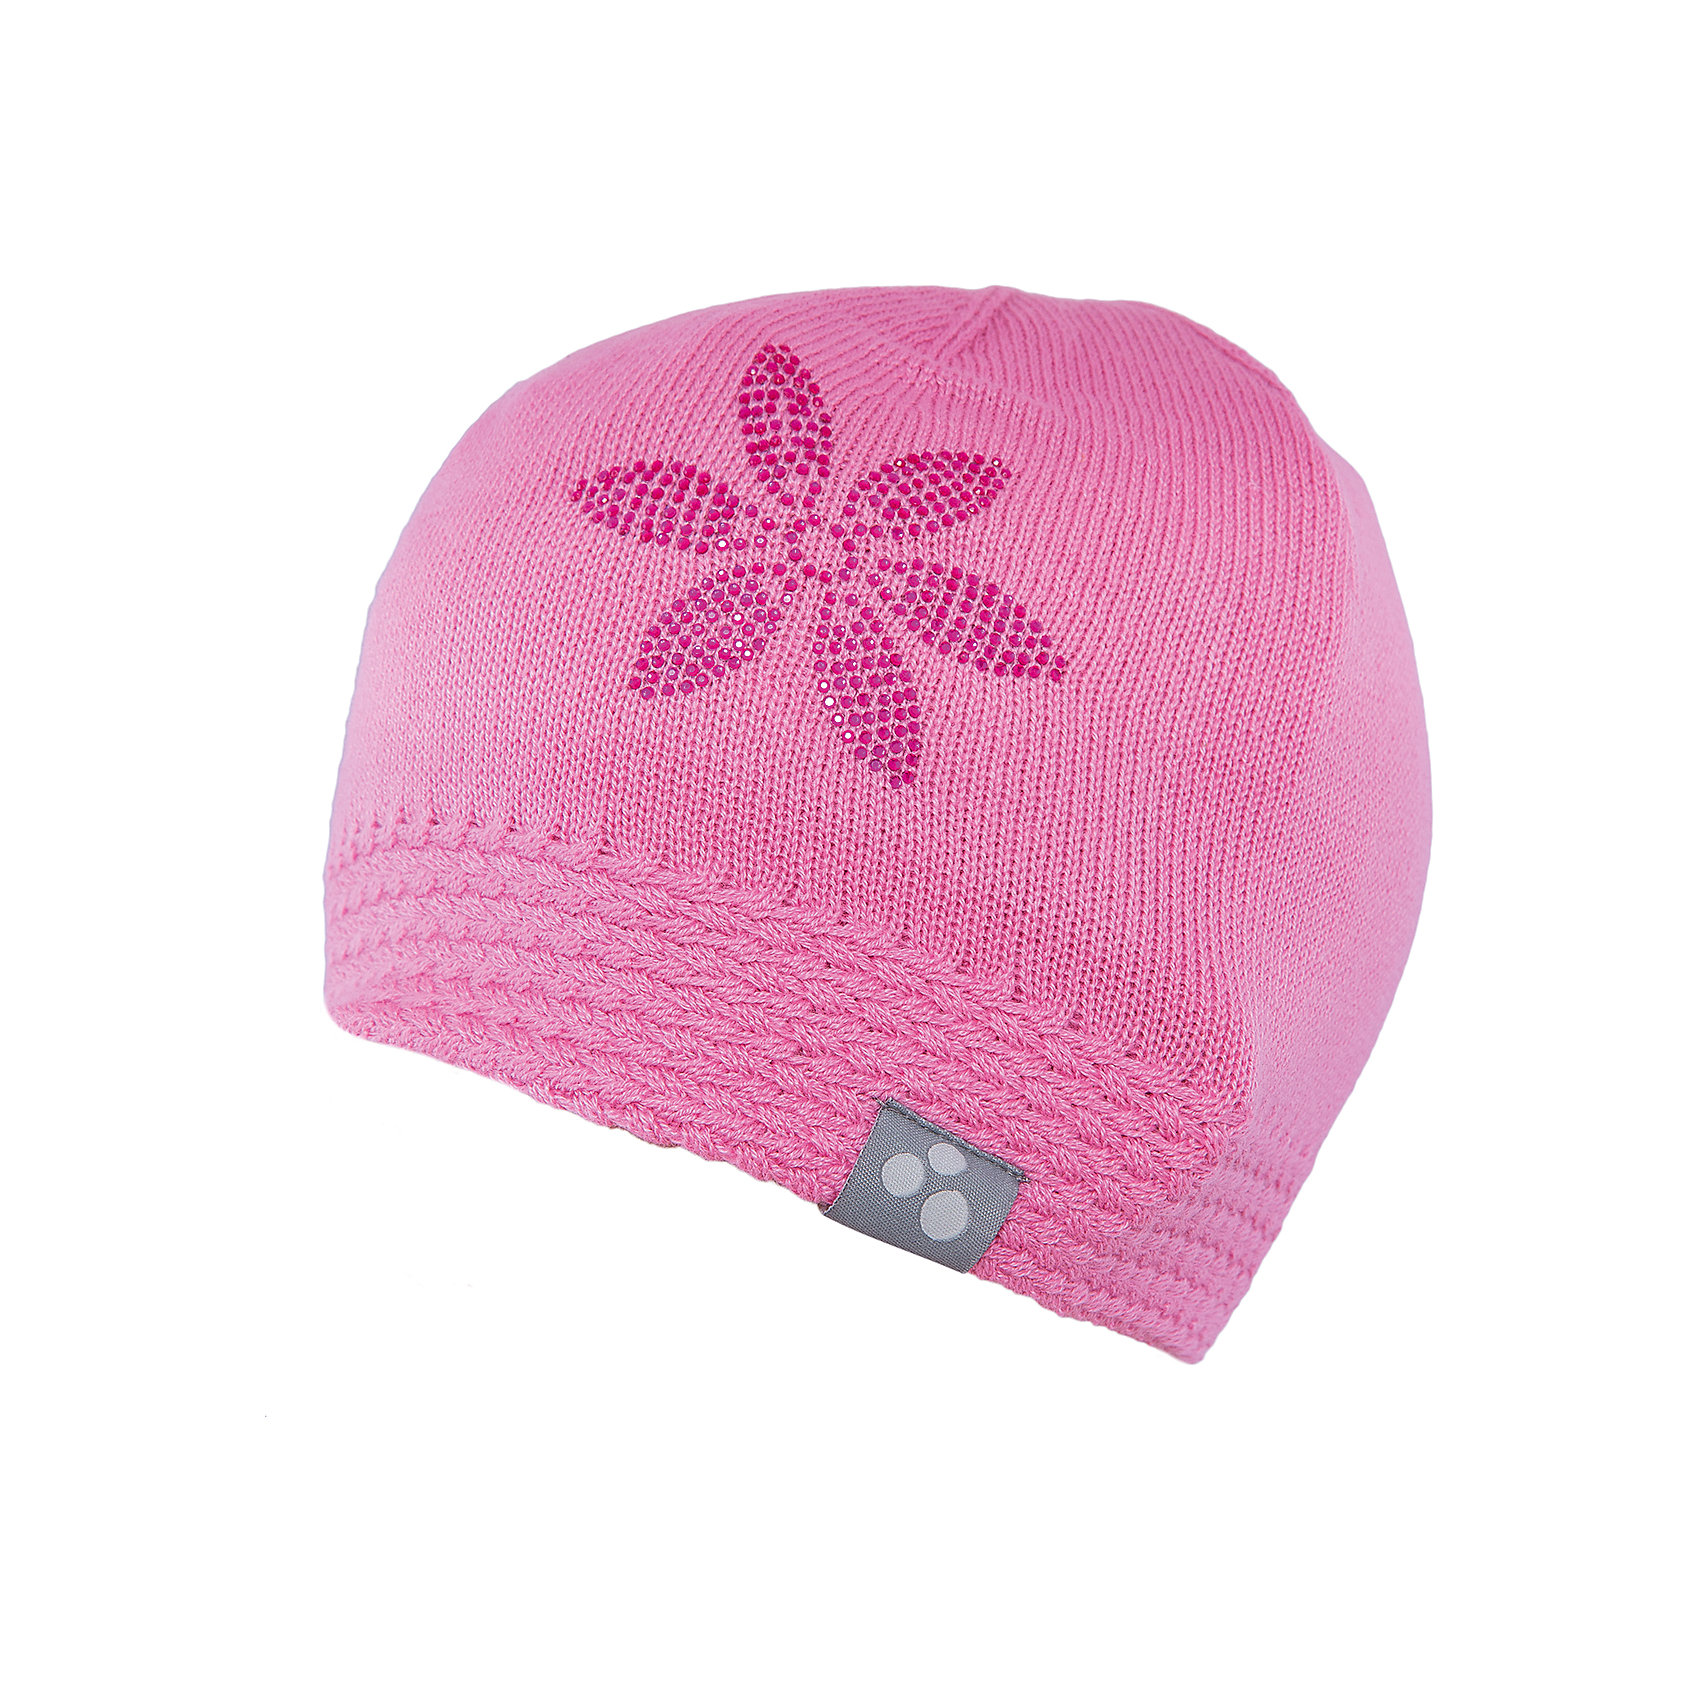 Шапка для девочки HuppaВязаная шапка ELIISA Huppa(Хуппа) выполнена из шерсти мериноса и акрила. Шапка украшена вязаным цветком и стразами. Есть резиночка и светоотражающие элементы по нижнему краю. Такая шапочка приятно согреет девочку в холода.<br><br>Дополнительная информация:<br>Материал: 50% шерсть мериноса, 50% акрил<br>Цвет: розовый<br><br>Шапку ELIISA Huppa(Хуппа) можно купить в нашем интернет-магазине.<br><br>Ширина мм: 89<br>Глубина мм: 117<br>Высота мм: 44<br>Вес г: 155<br>Цвет: розовый<br>Возраст от месяцев: 84<br>Возраст до месяцев: 120<br>Пол: Женский<br>Возраст: Детский<br>Размер: 55-57,55-57,51-53<br>SKU: 4928890